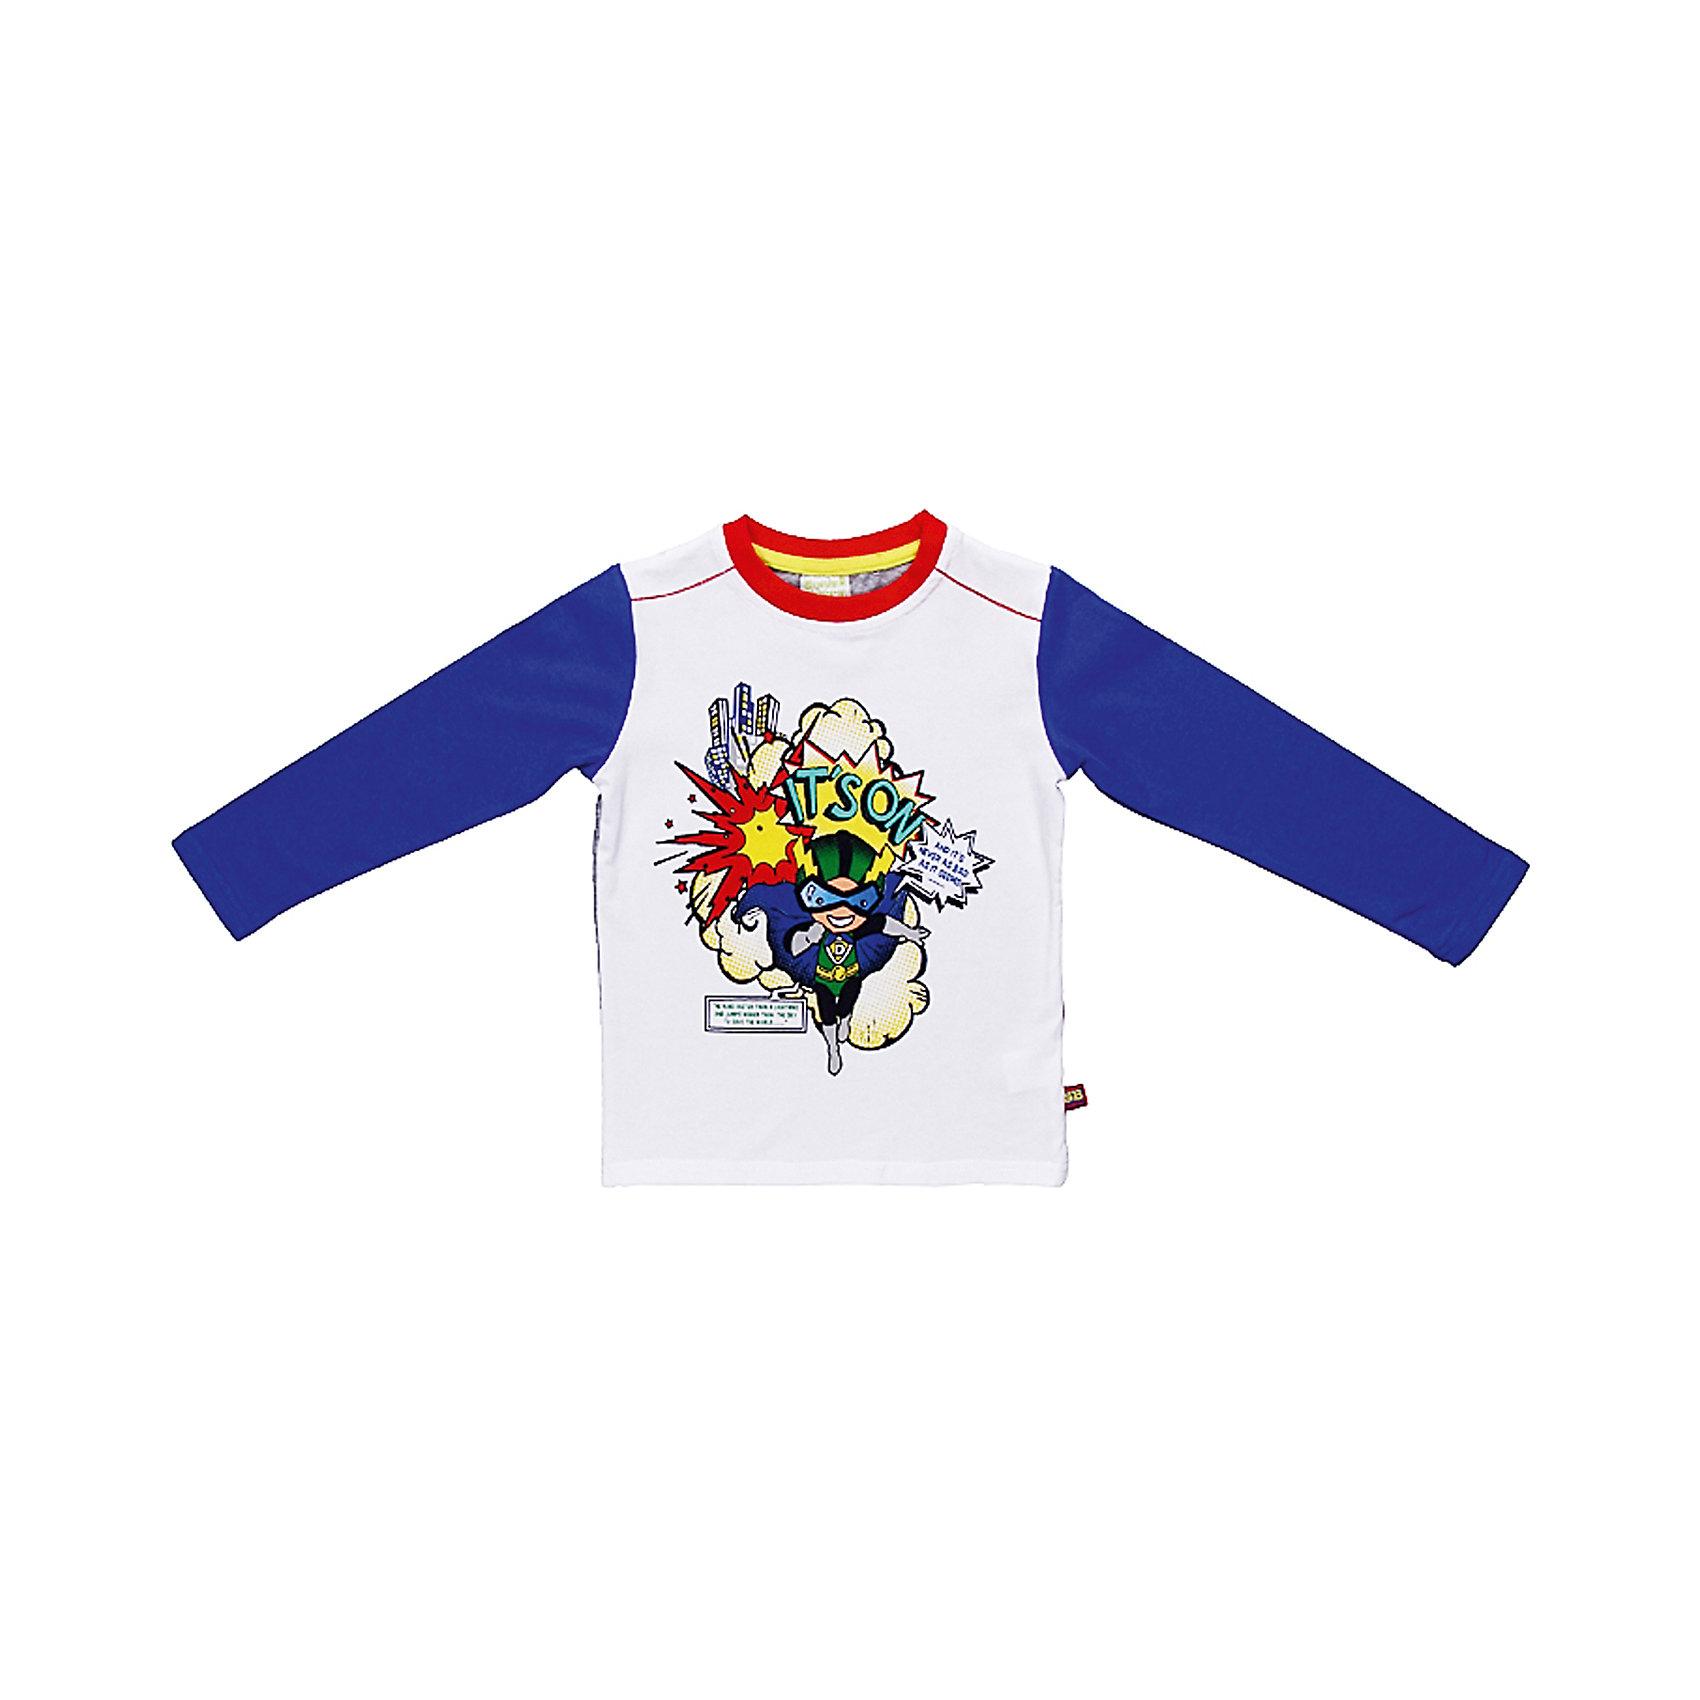 Футболка с длинным рукавом для мальчика Sweet BerryЯркая футболка с длинным рукавом для мальчика. Горловина из эластичной трикотажной резинки контрастного цвета. Футболка украшена модным принтом.<br>Состав:<br>95% хлопок 5% эластан<br><br>Ширина мм: 230<br>Глубина мм: 40<br>Высота мм: 220<br>Вес г: 250<br>Цвет: синий/белый<br>Возраст от месяцев: 9<br>Возраст до месяцев: 12<br>Пол: Мужской<br>Возраст: Детский<br>Размер: 80,98,86,92<br>SKU: 4522034